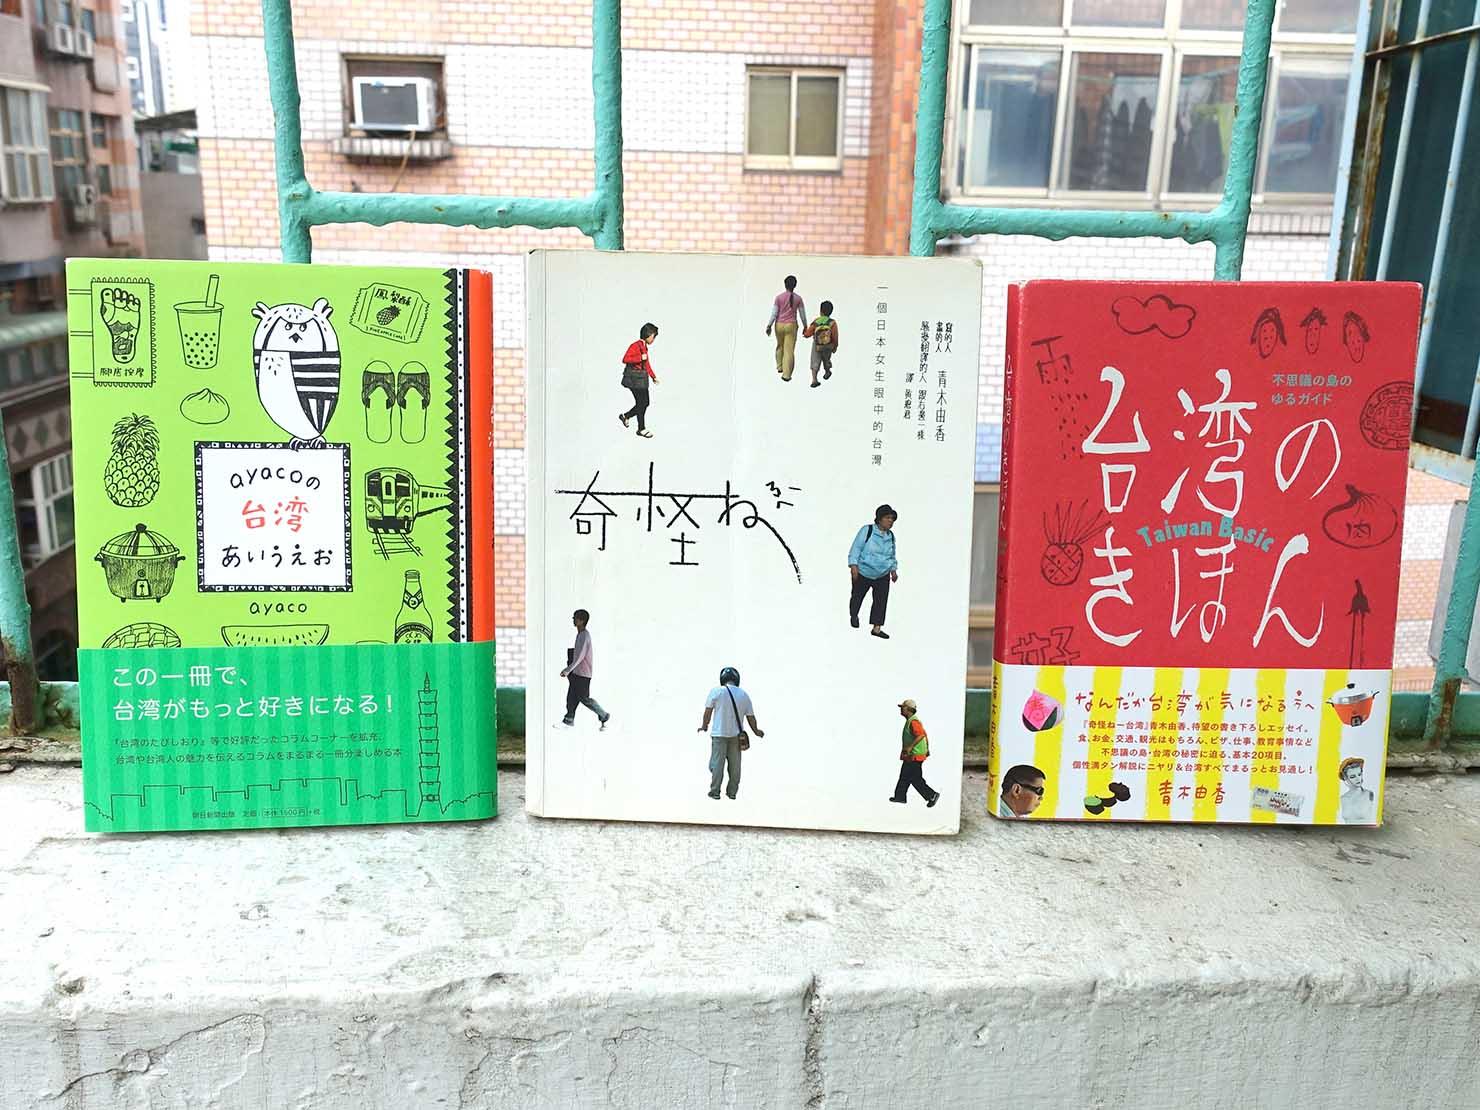 台湾現地生活がよく分かるおすすめの本3冊